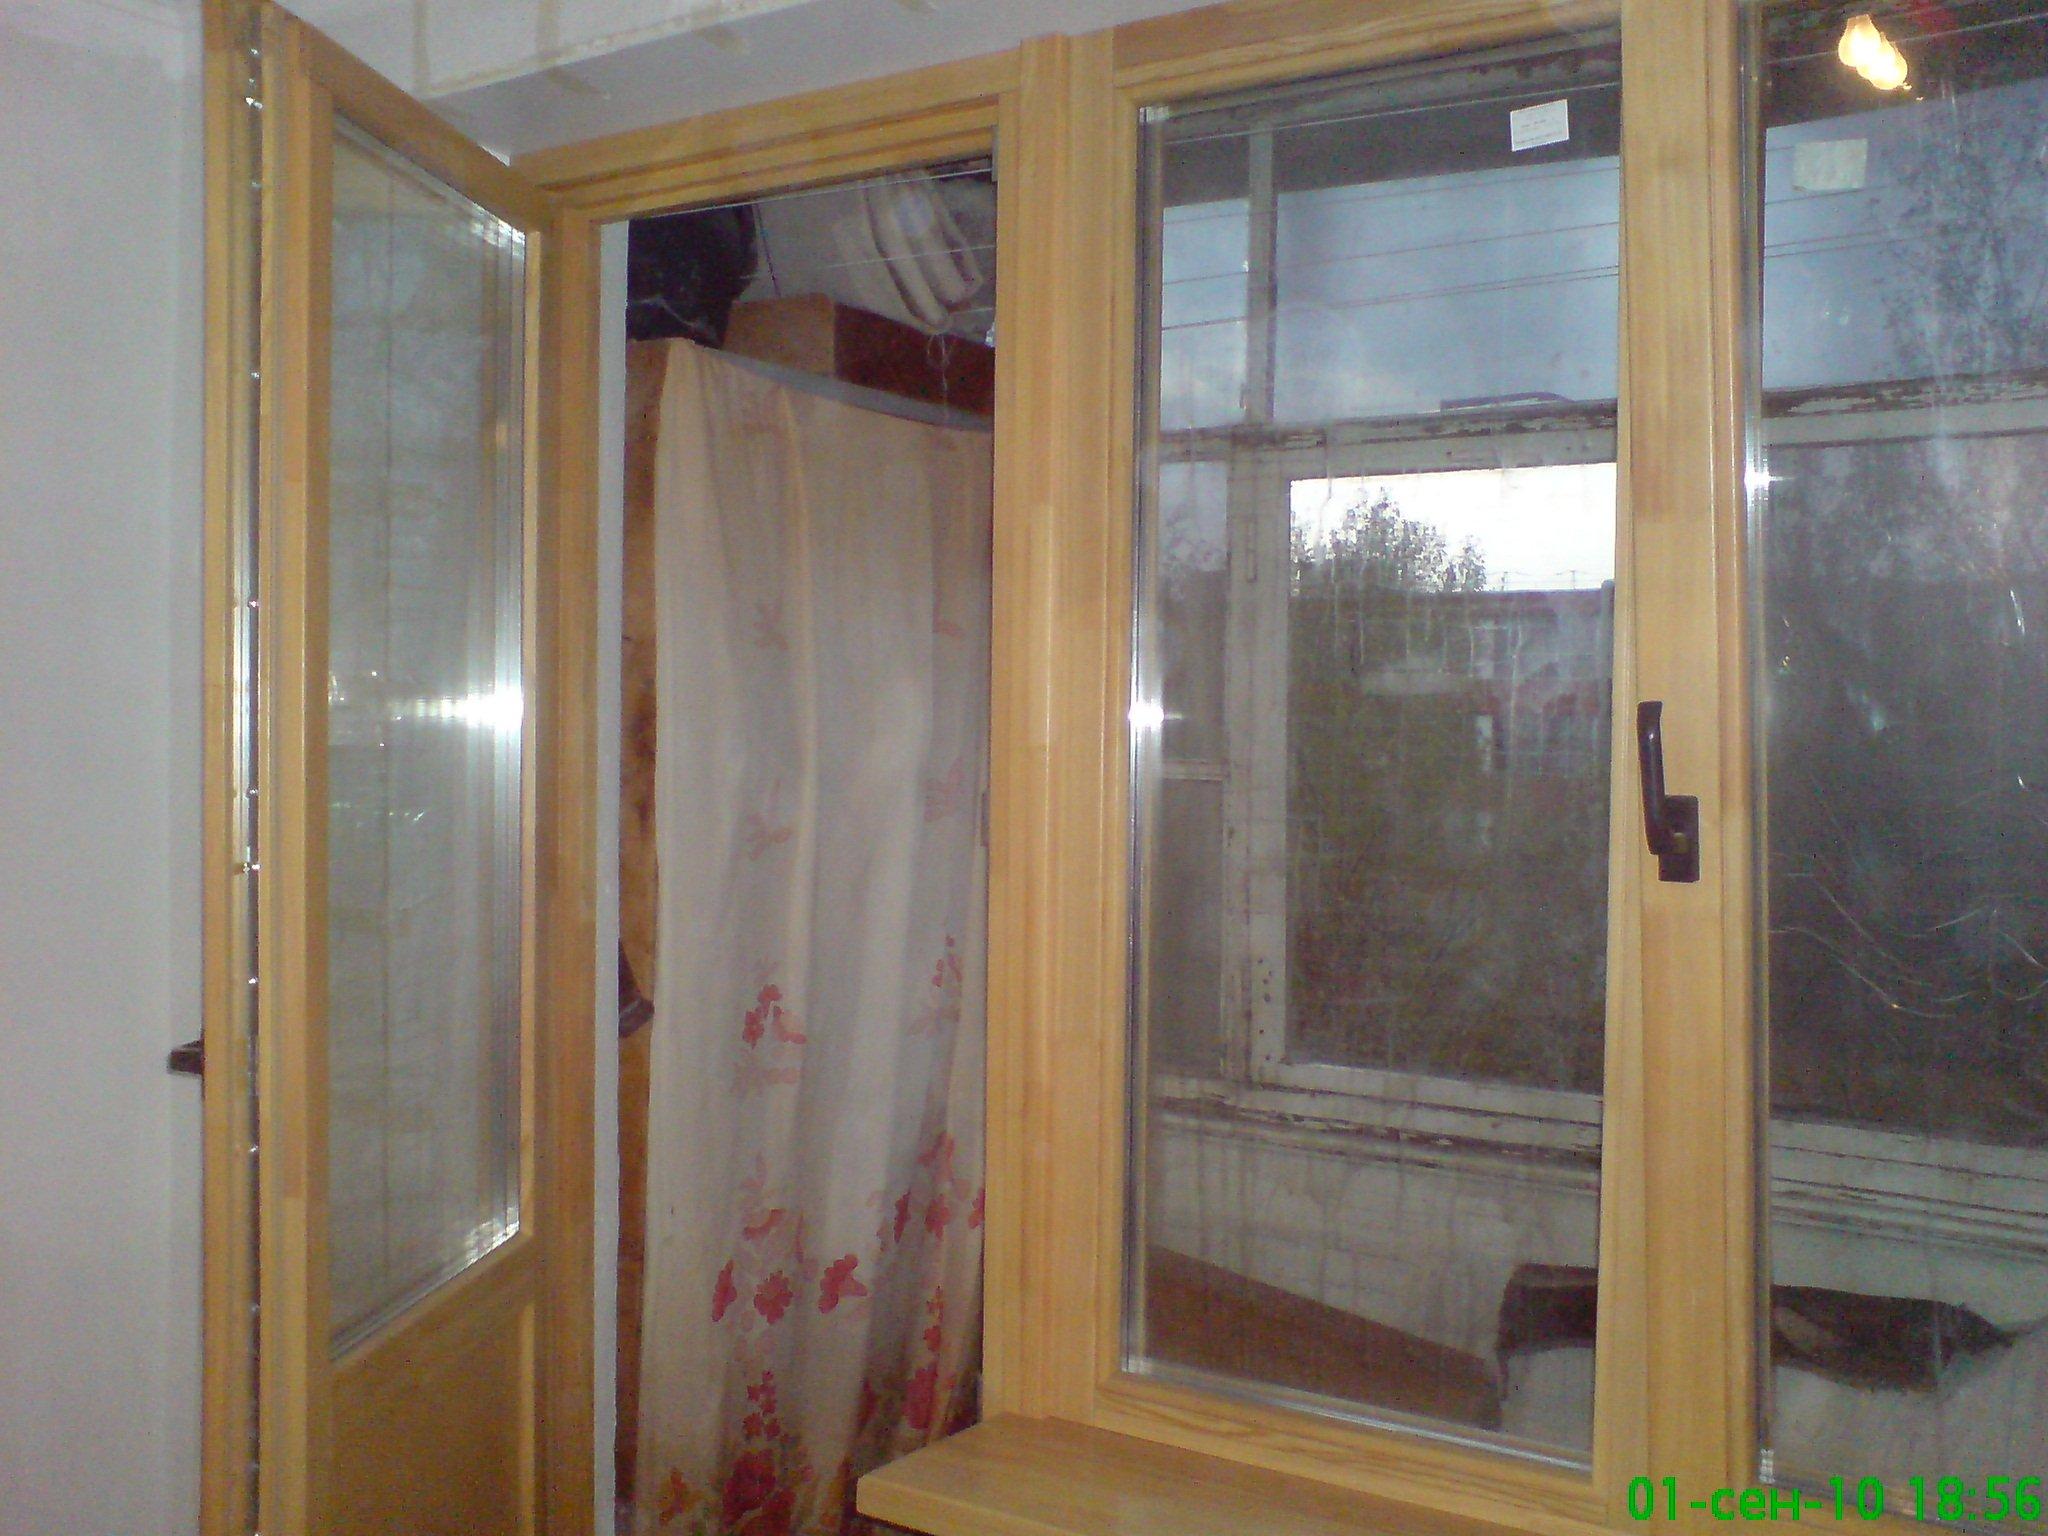 http://vseokna-nn.ru/images/upload/DSC00072.JPG